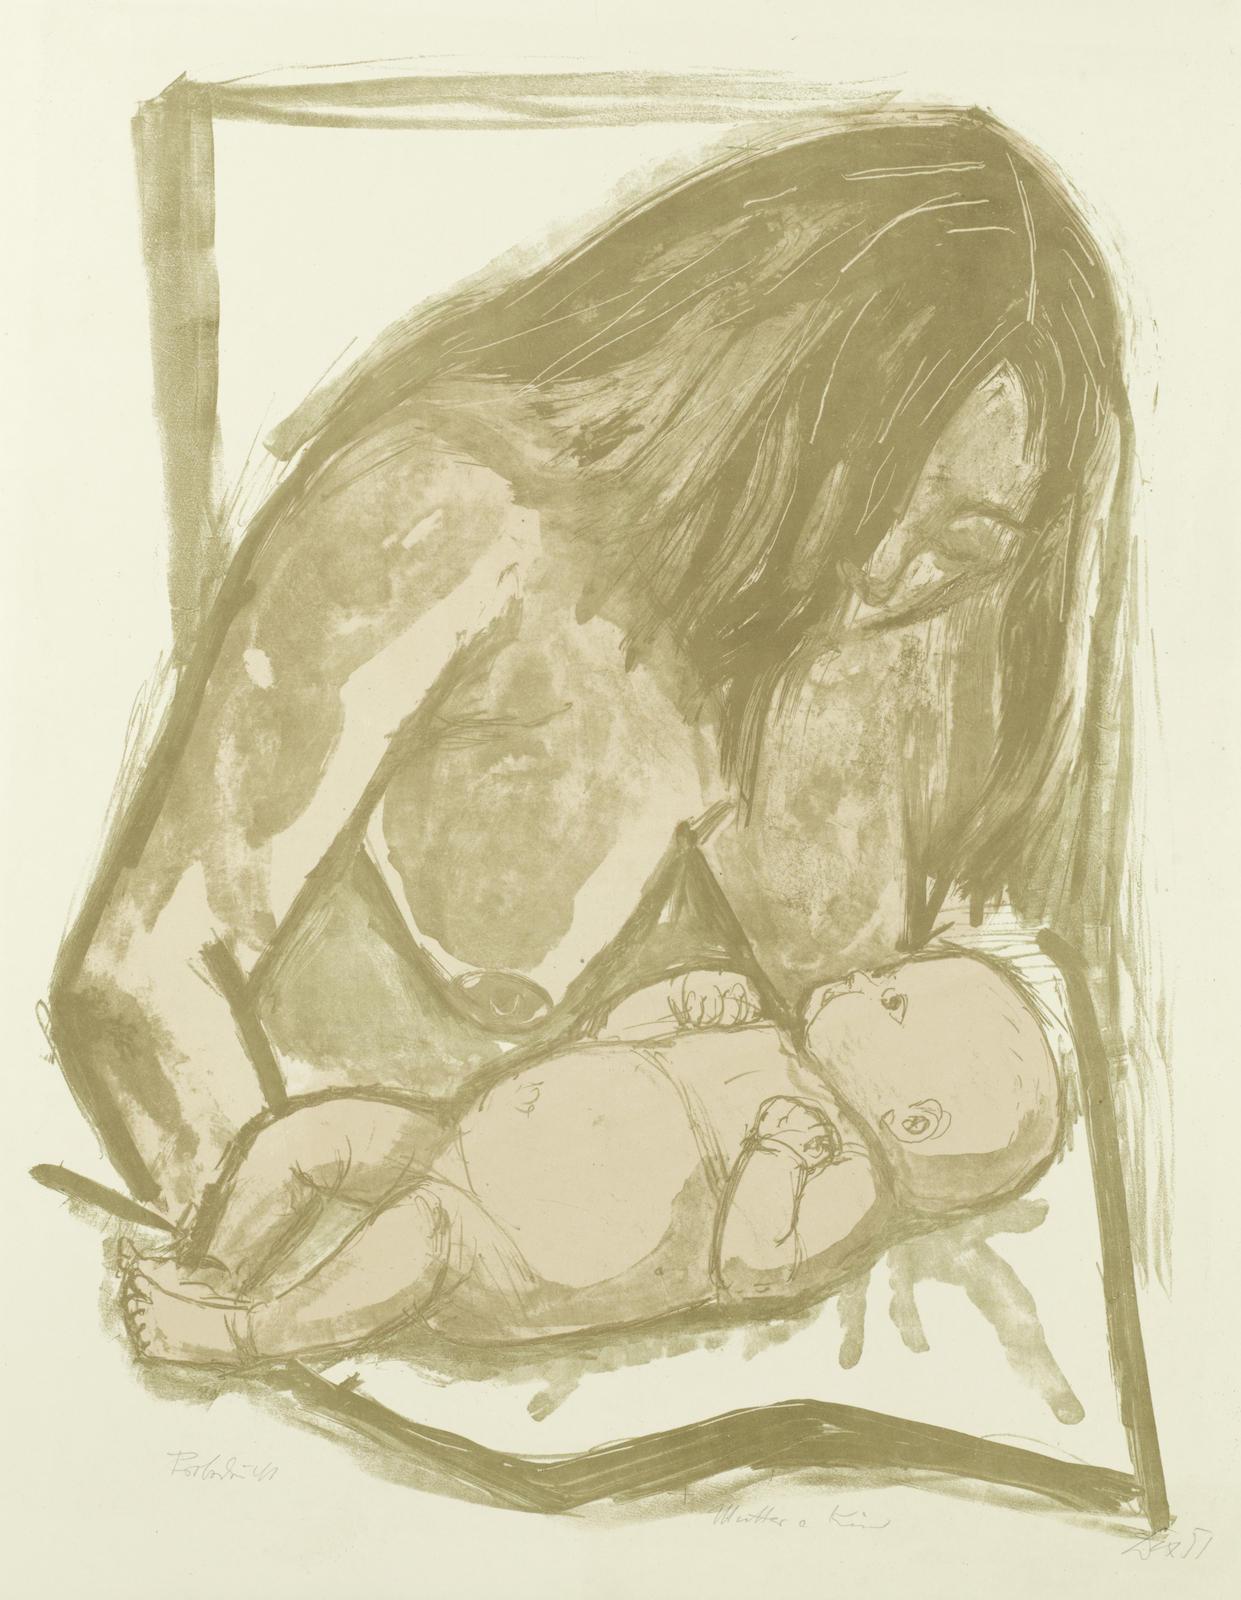 Otto Dix-Mutter und Kind (Karsch 193 b)-1951